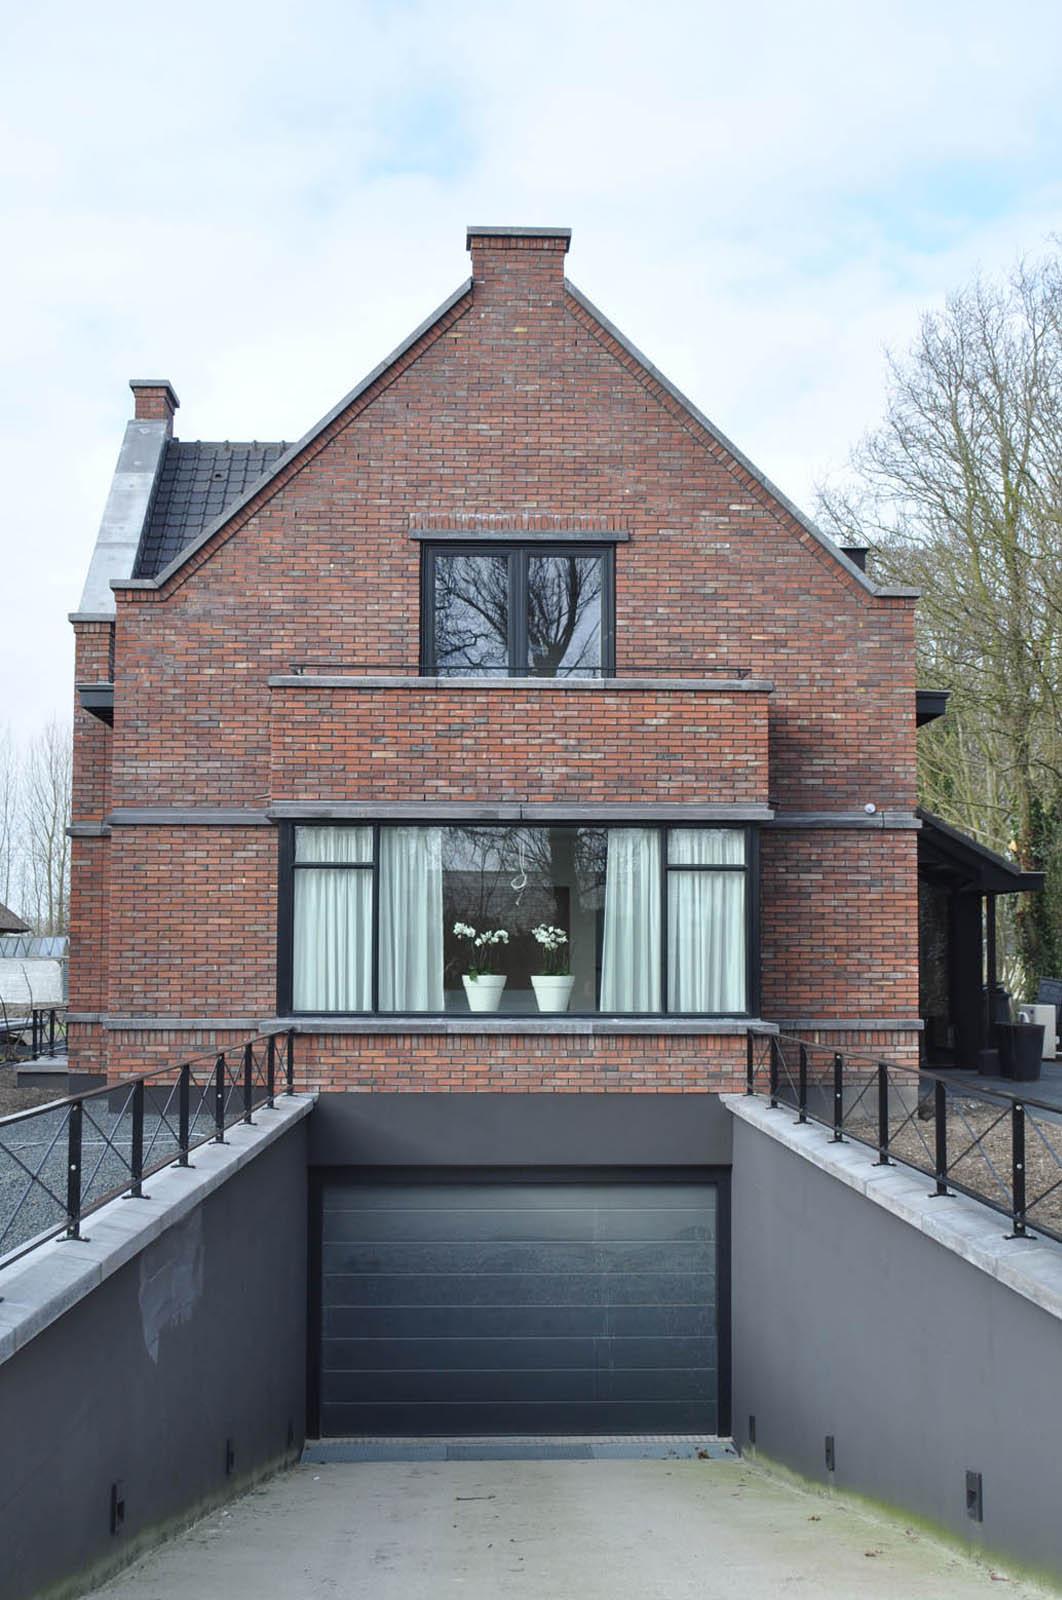 Brickwork, Villa heiloo by Jeroen de Nijs